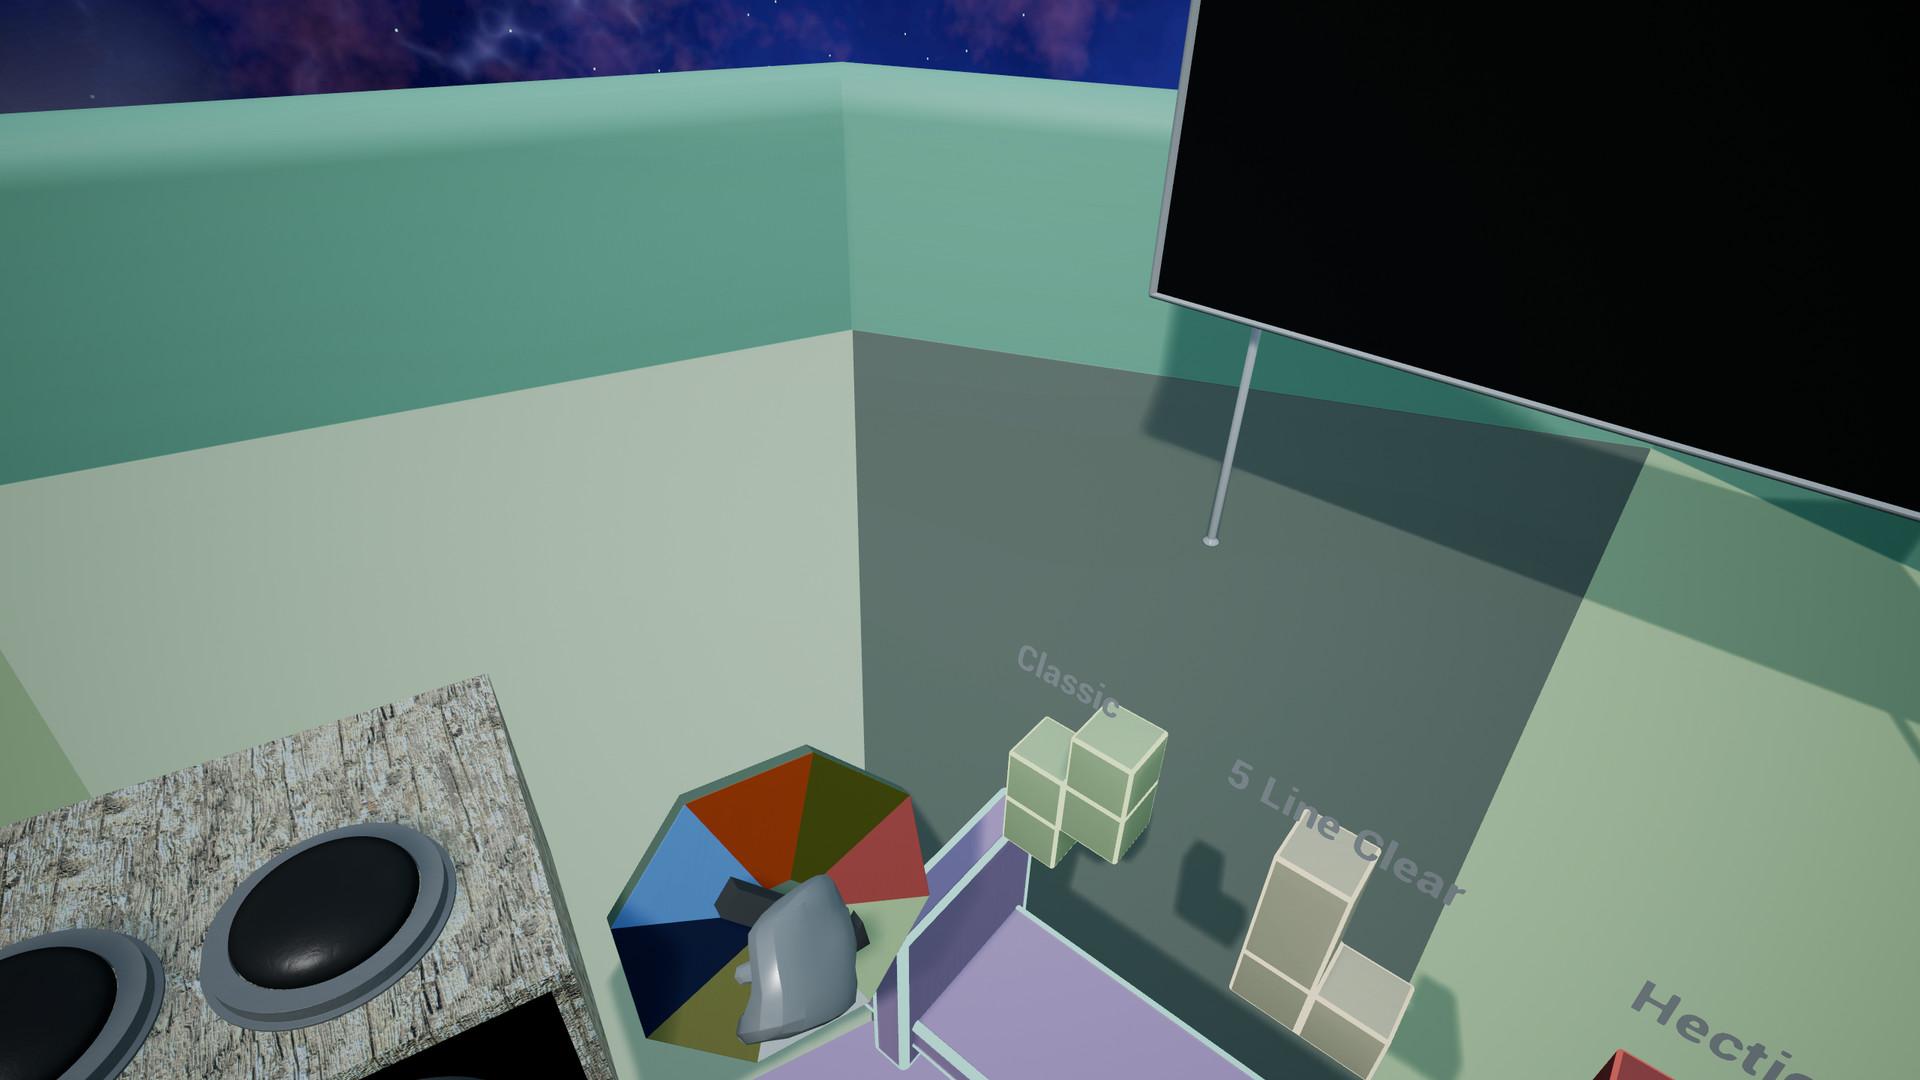 Tet VR Free Download